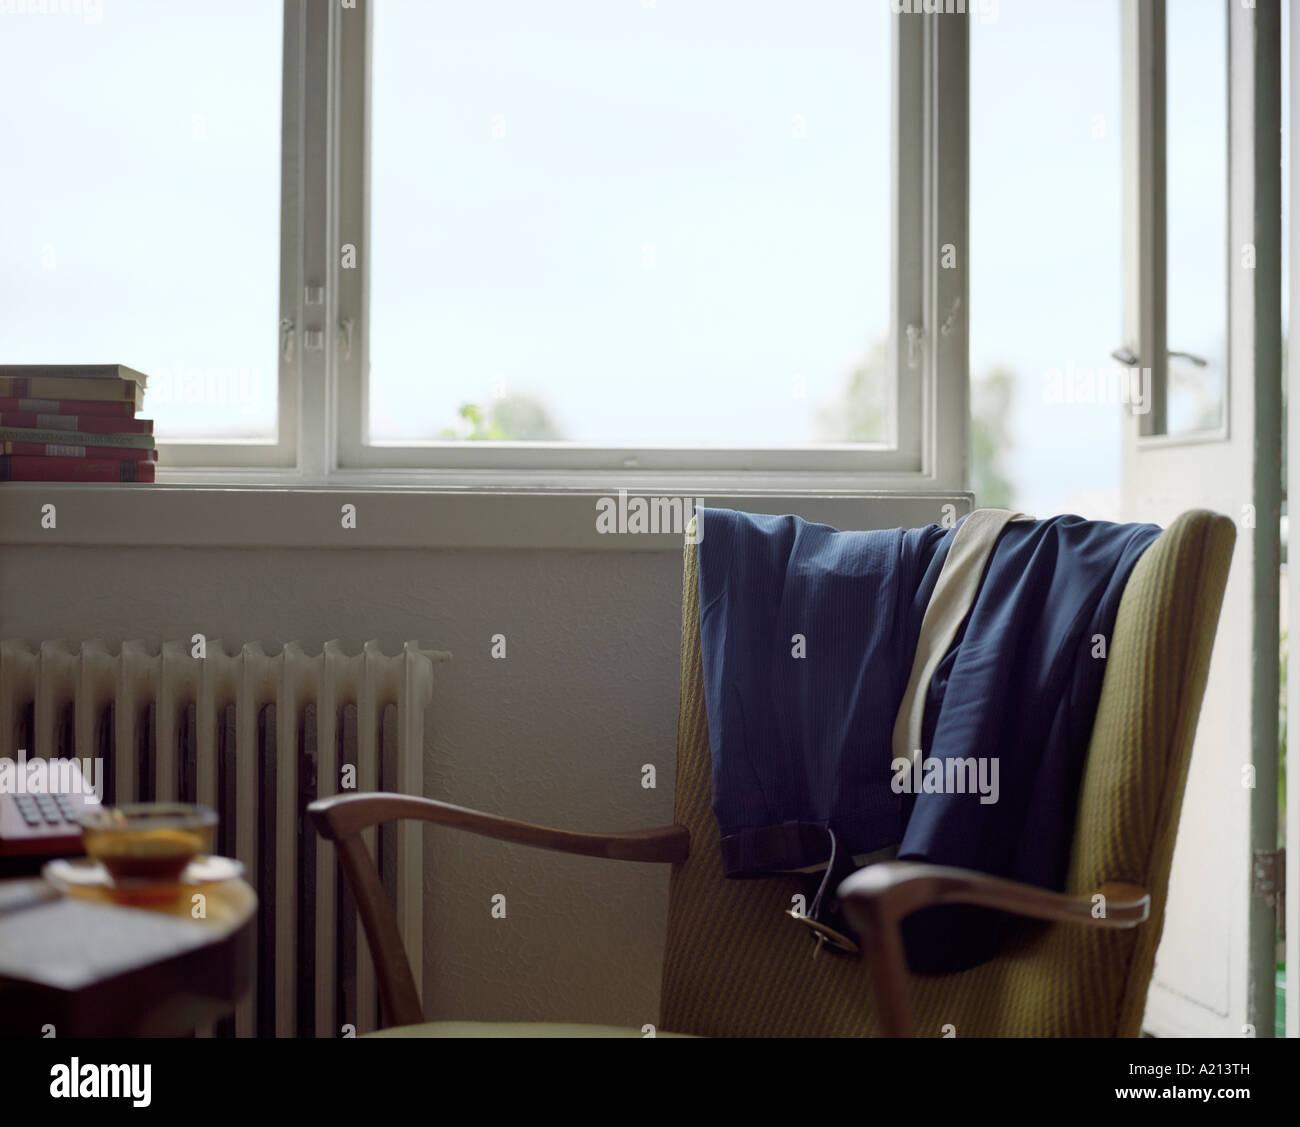 Vêtements Drapés sur l'arrière du fauteuil Photo Stock